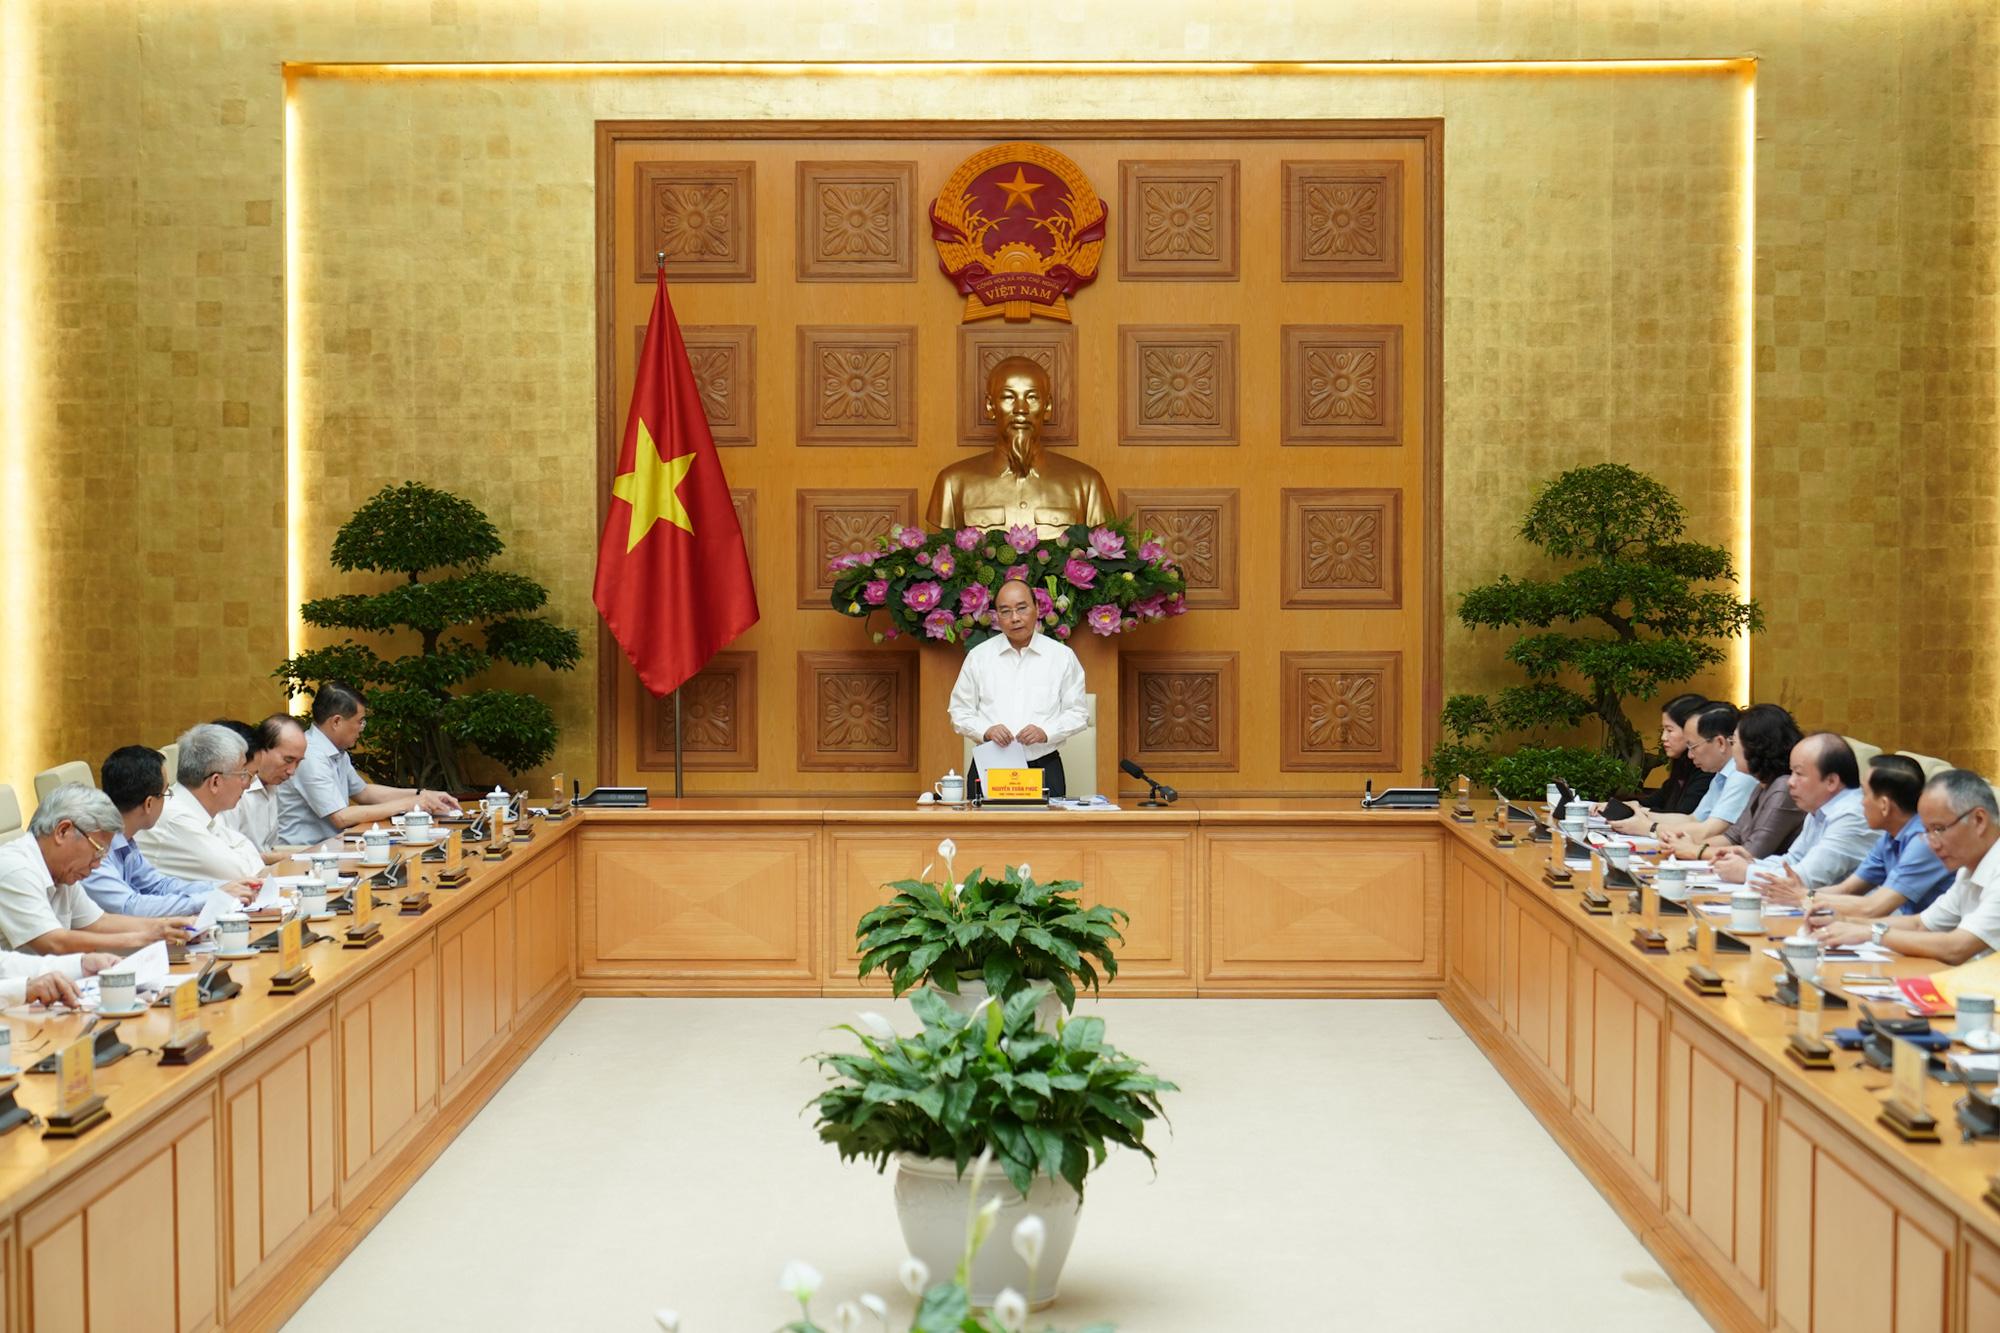 Thủ tướng: Kiên quyết không để mất niềm tin vào công tác chỉ đạo, điều hành - Ảnh 2.